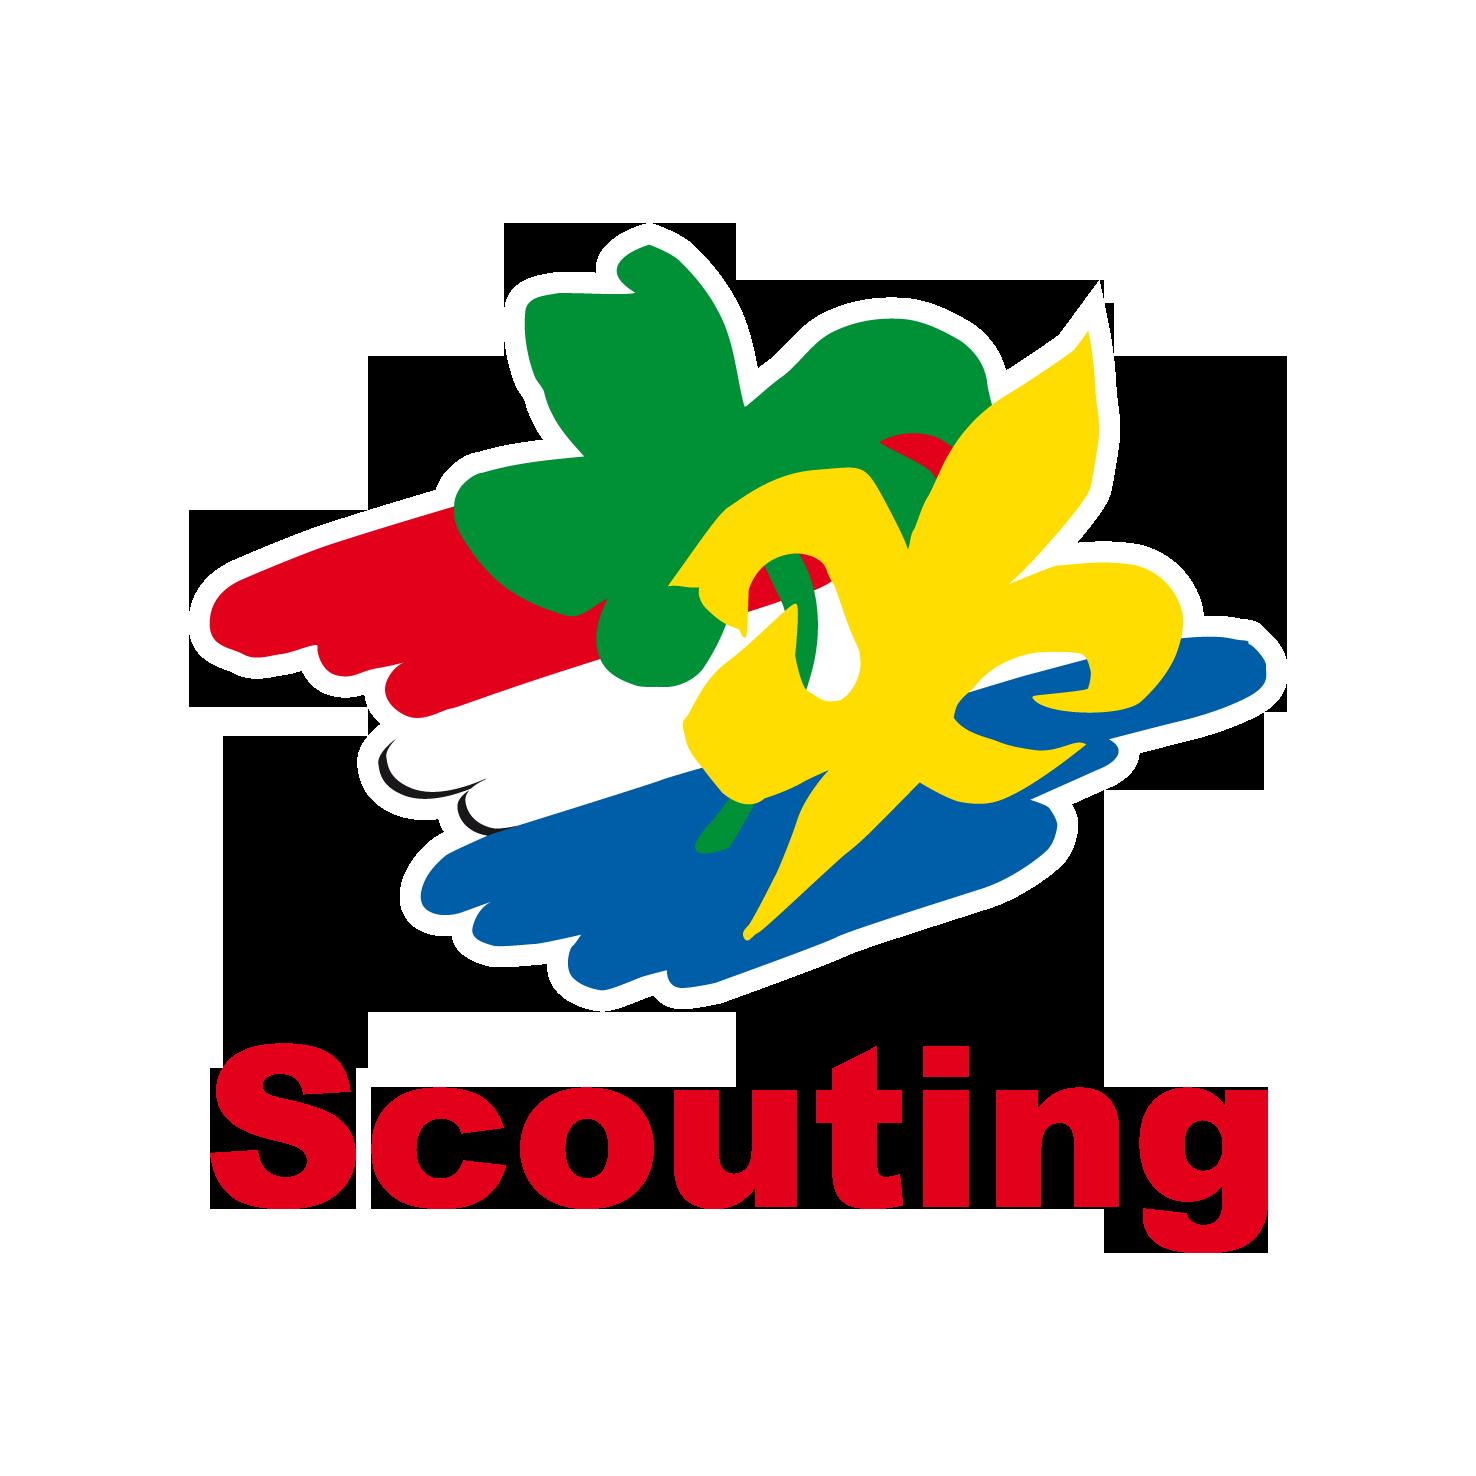 Scouting_Nieuw_logo_papierscheur2